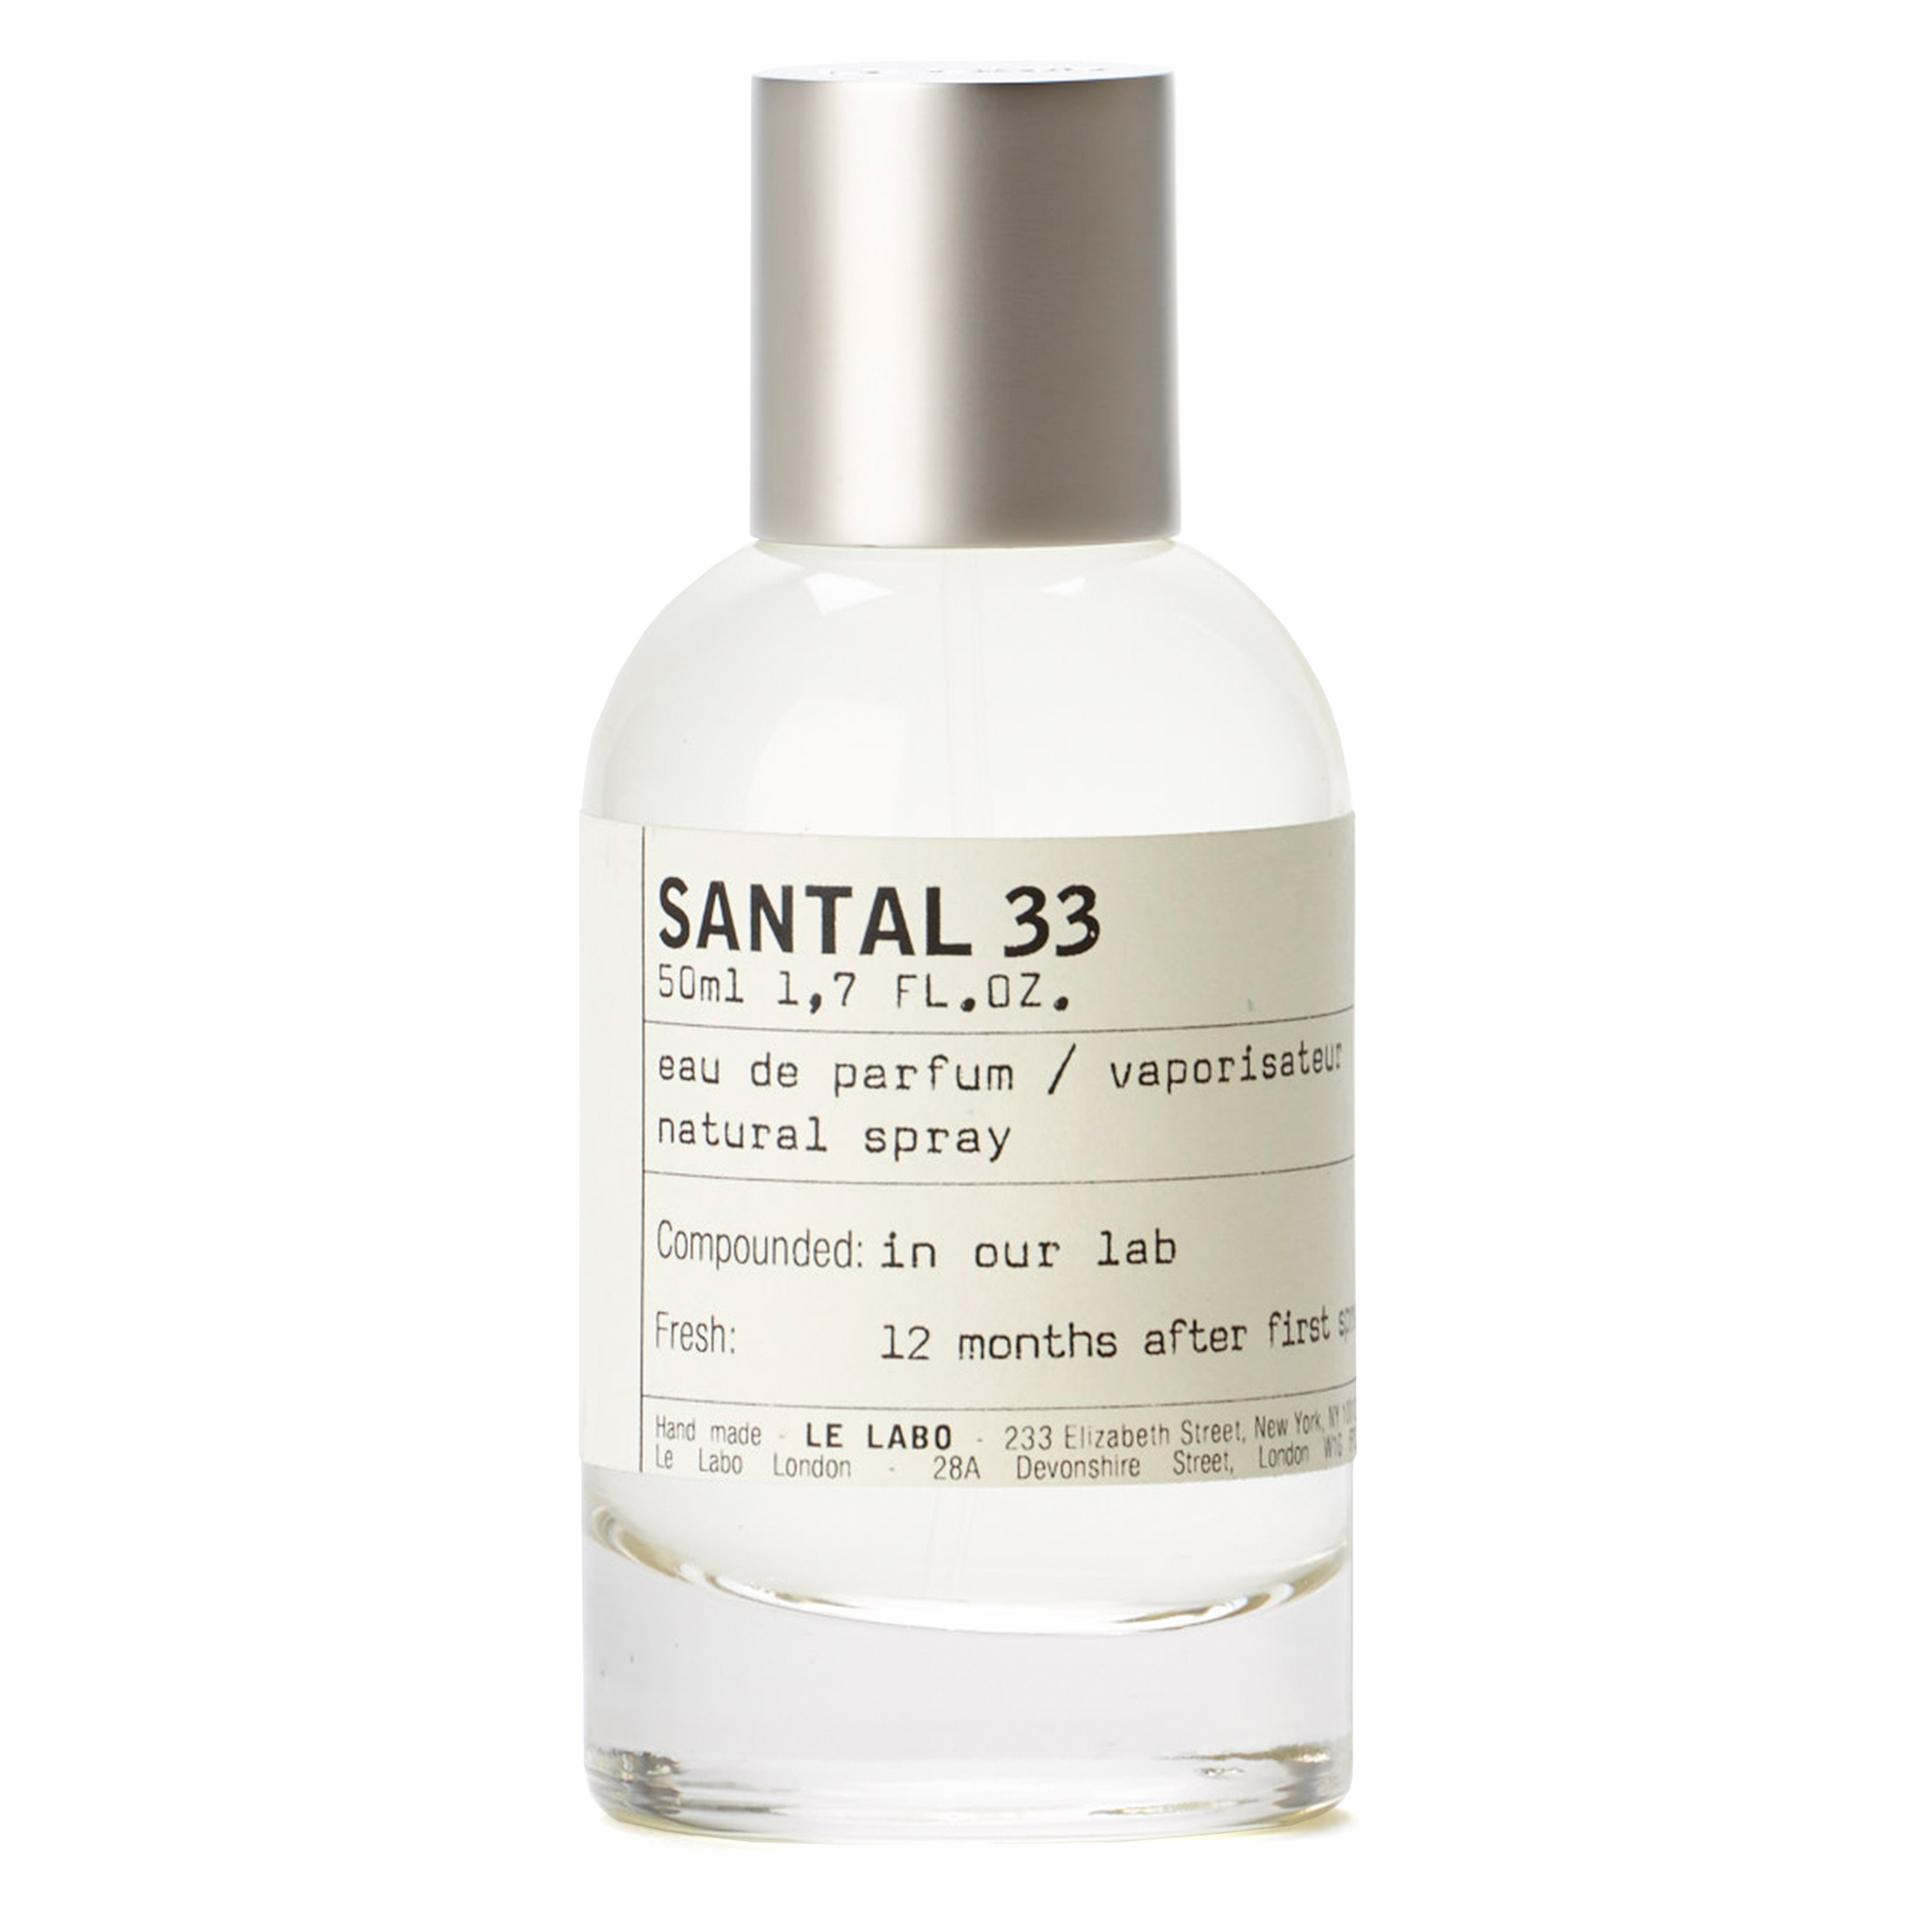 Santal 33 Edp 50ml